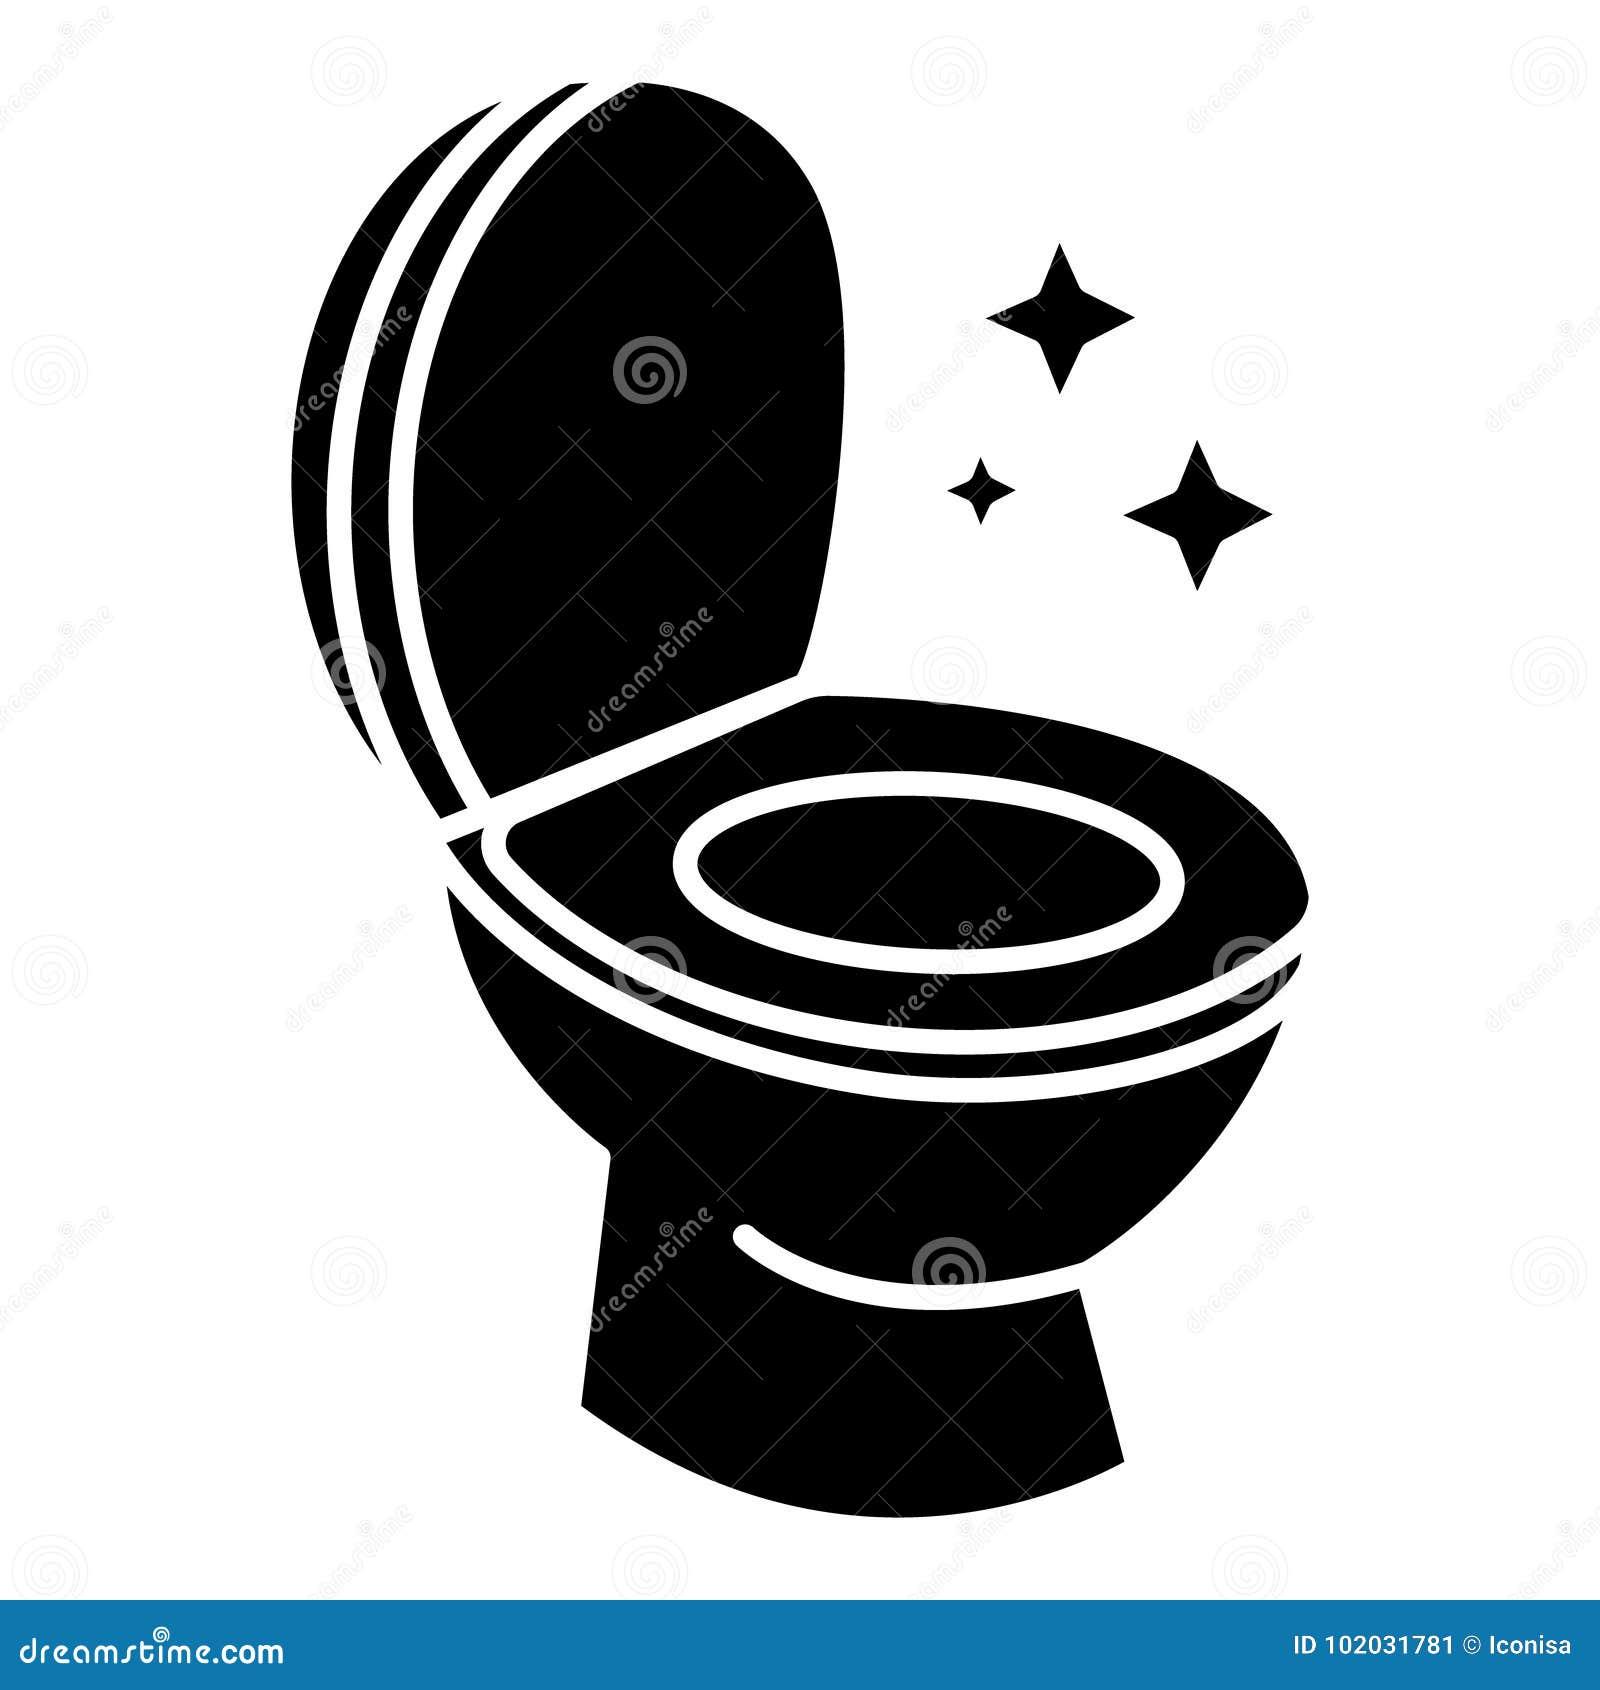 Καθαρό καθαρίζοντας εικονίδιο τουαλετών, διανυσματική απεικόνιση, μαύρο σημάδι στο απομονωμένο υπόβαθρο